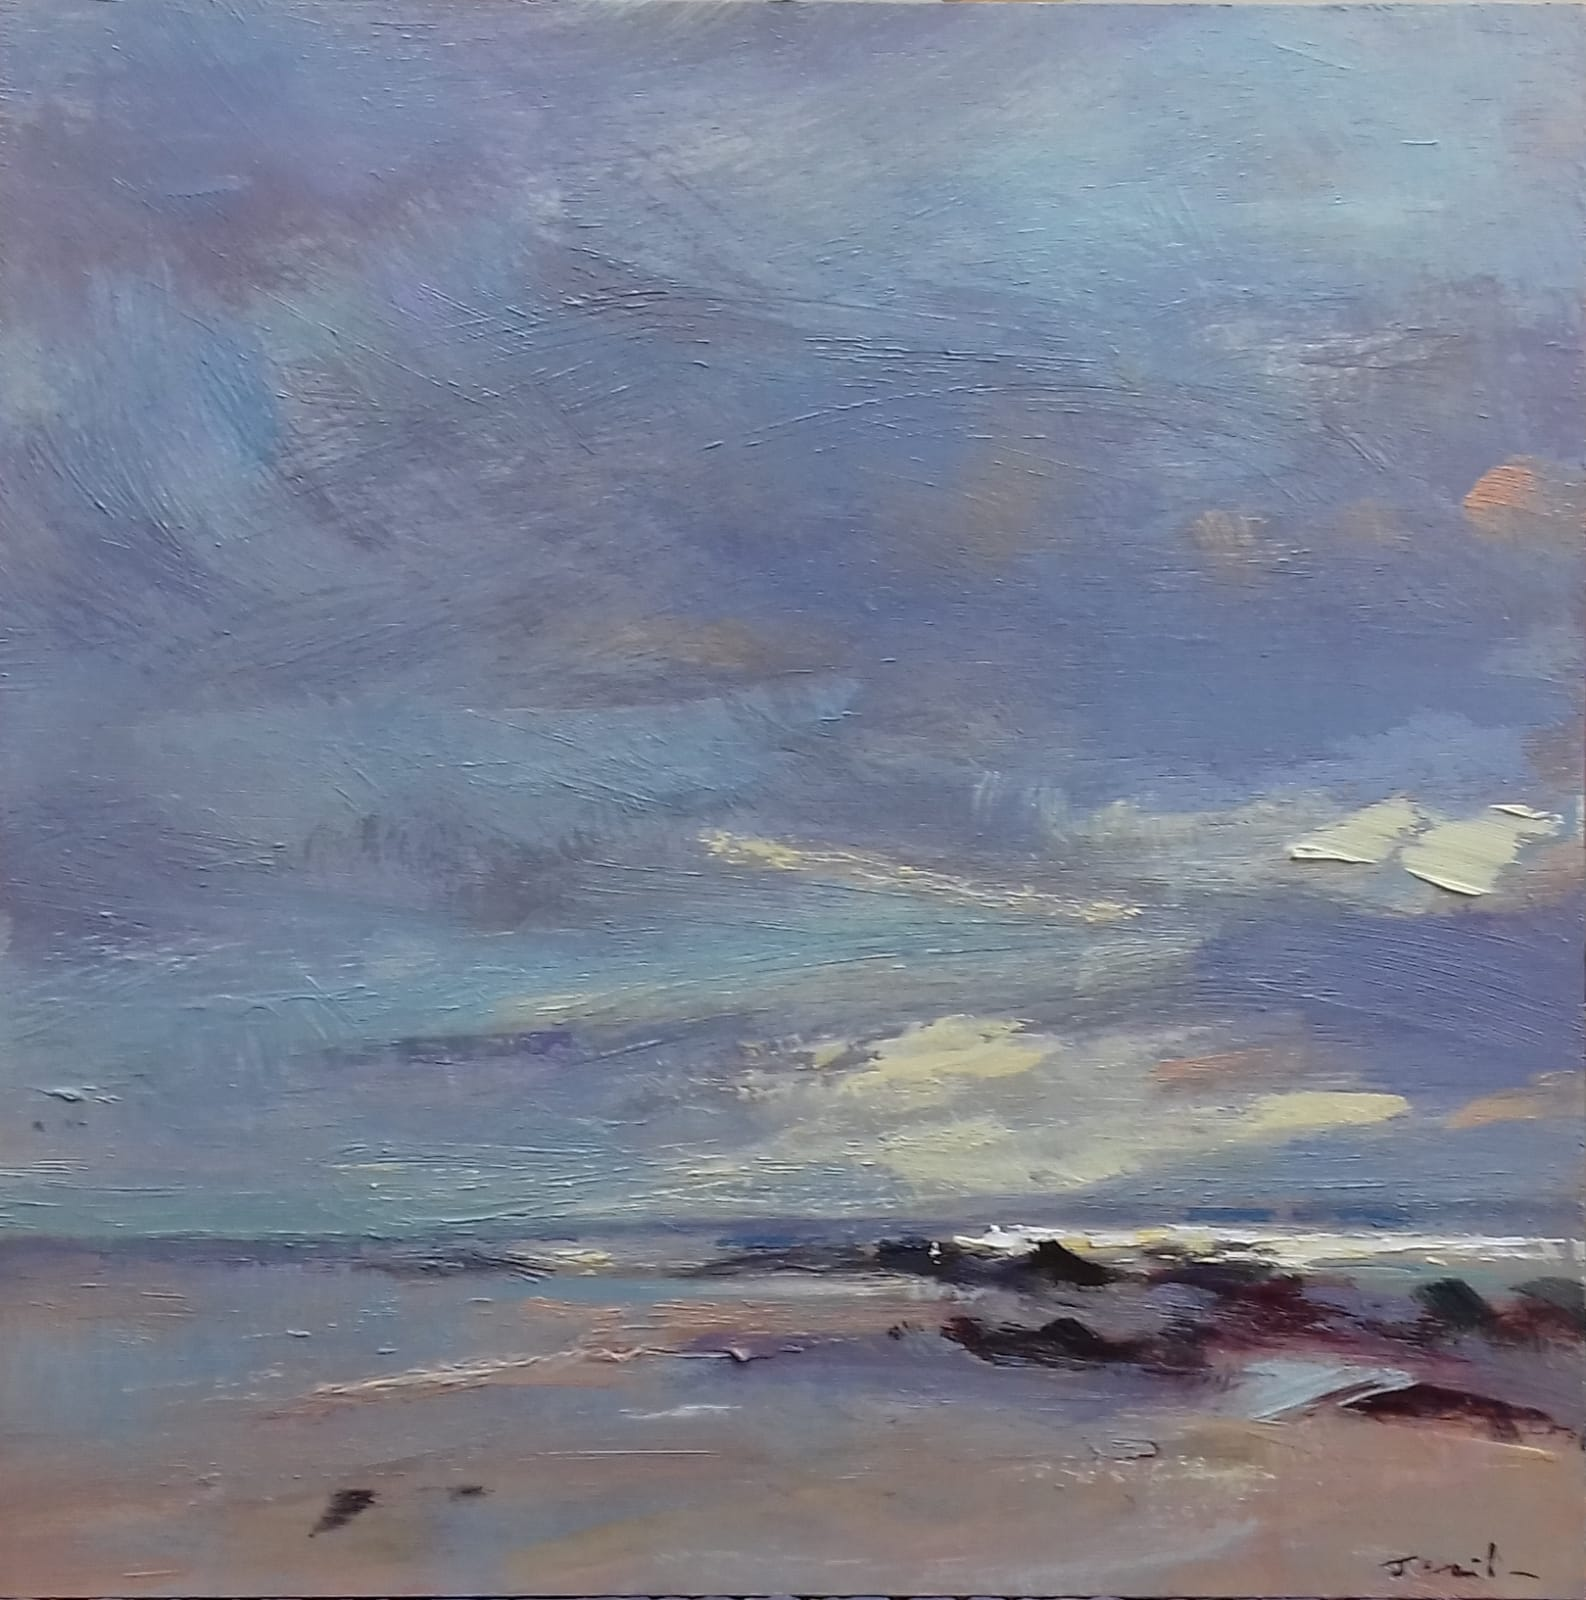 Jonathan Smith, Atlantic Weather